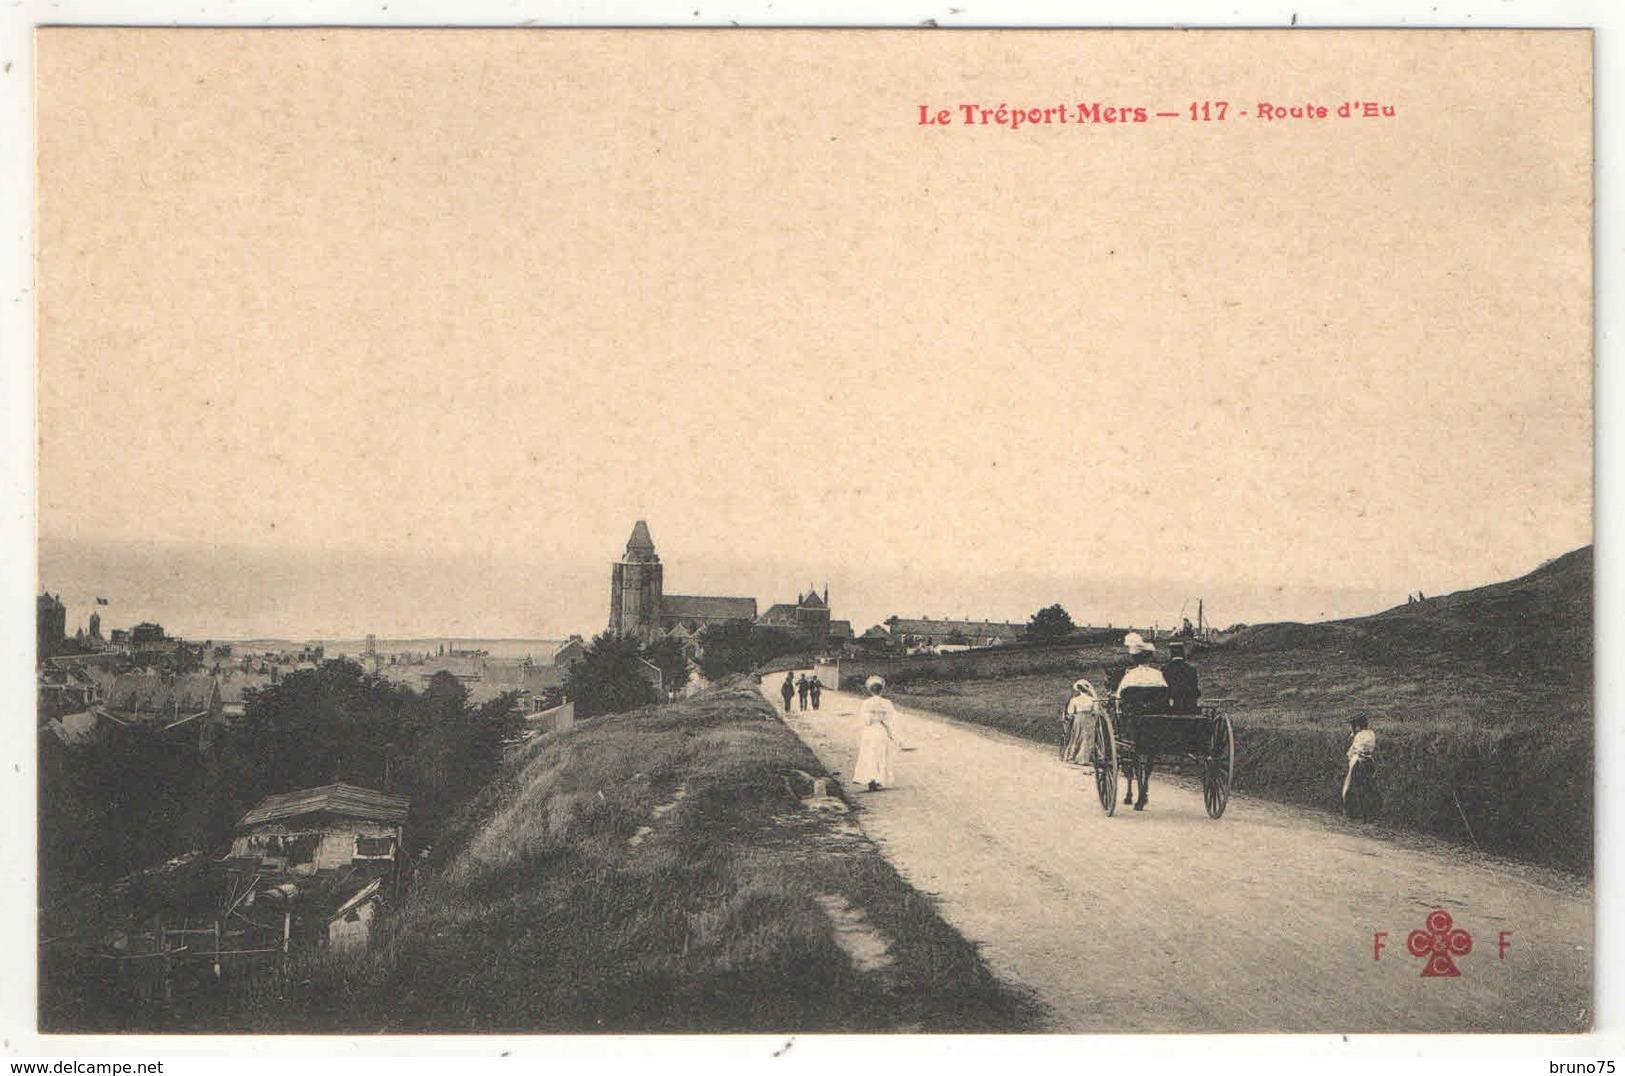 76 - LE TREPORT-MERS - Route D'Eu - Fleury FF 117 - Le Treport